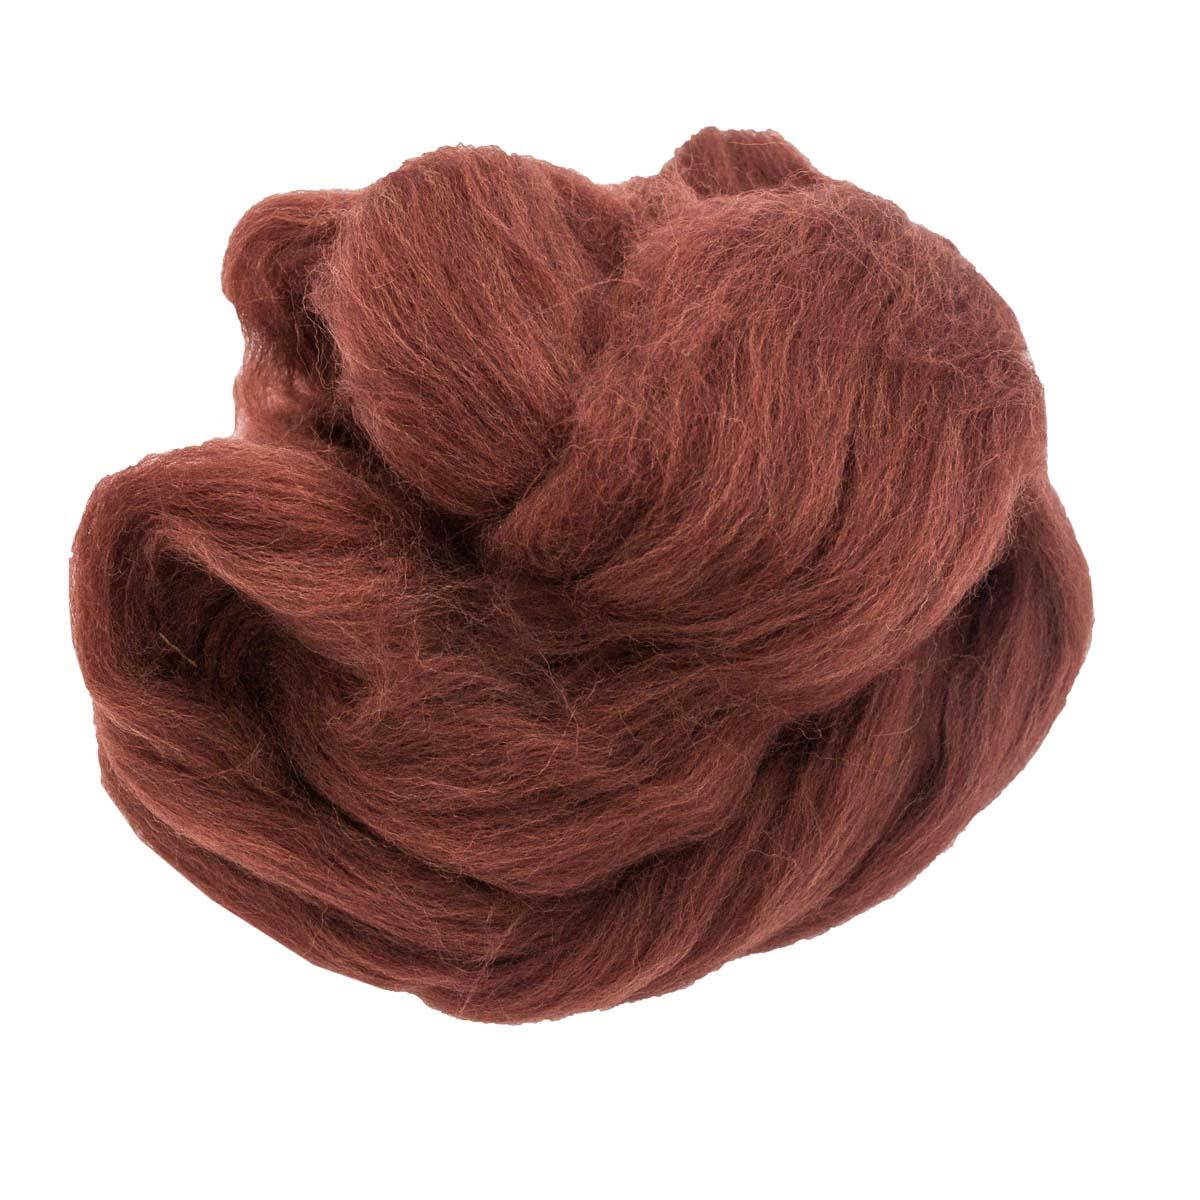 84306-1 ORCHIDEA Шерсть для валяния, цвет шоколадный, 10 г